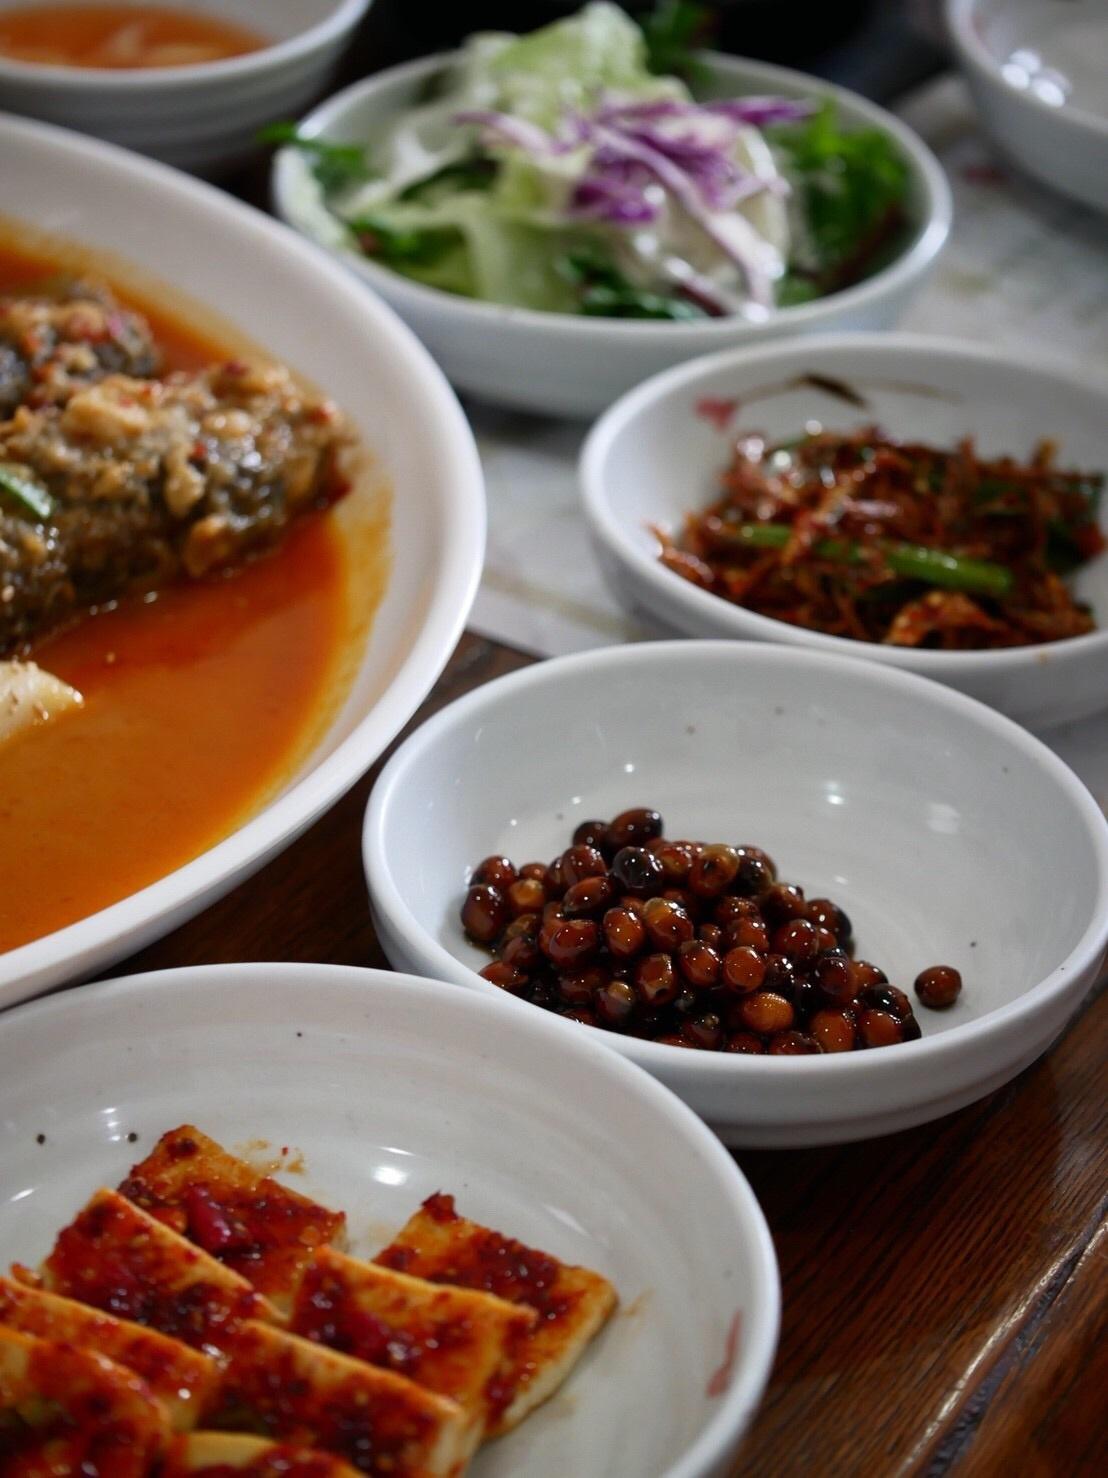 韓国 大邱で食べる絶品タラ料理_b0060363_22390987.jpg